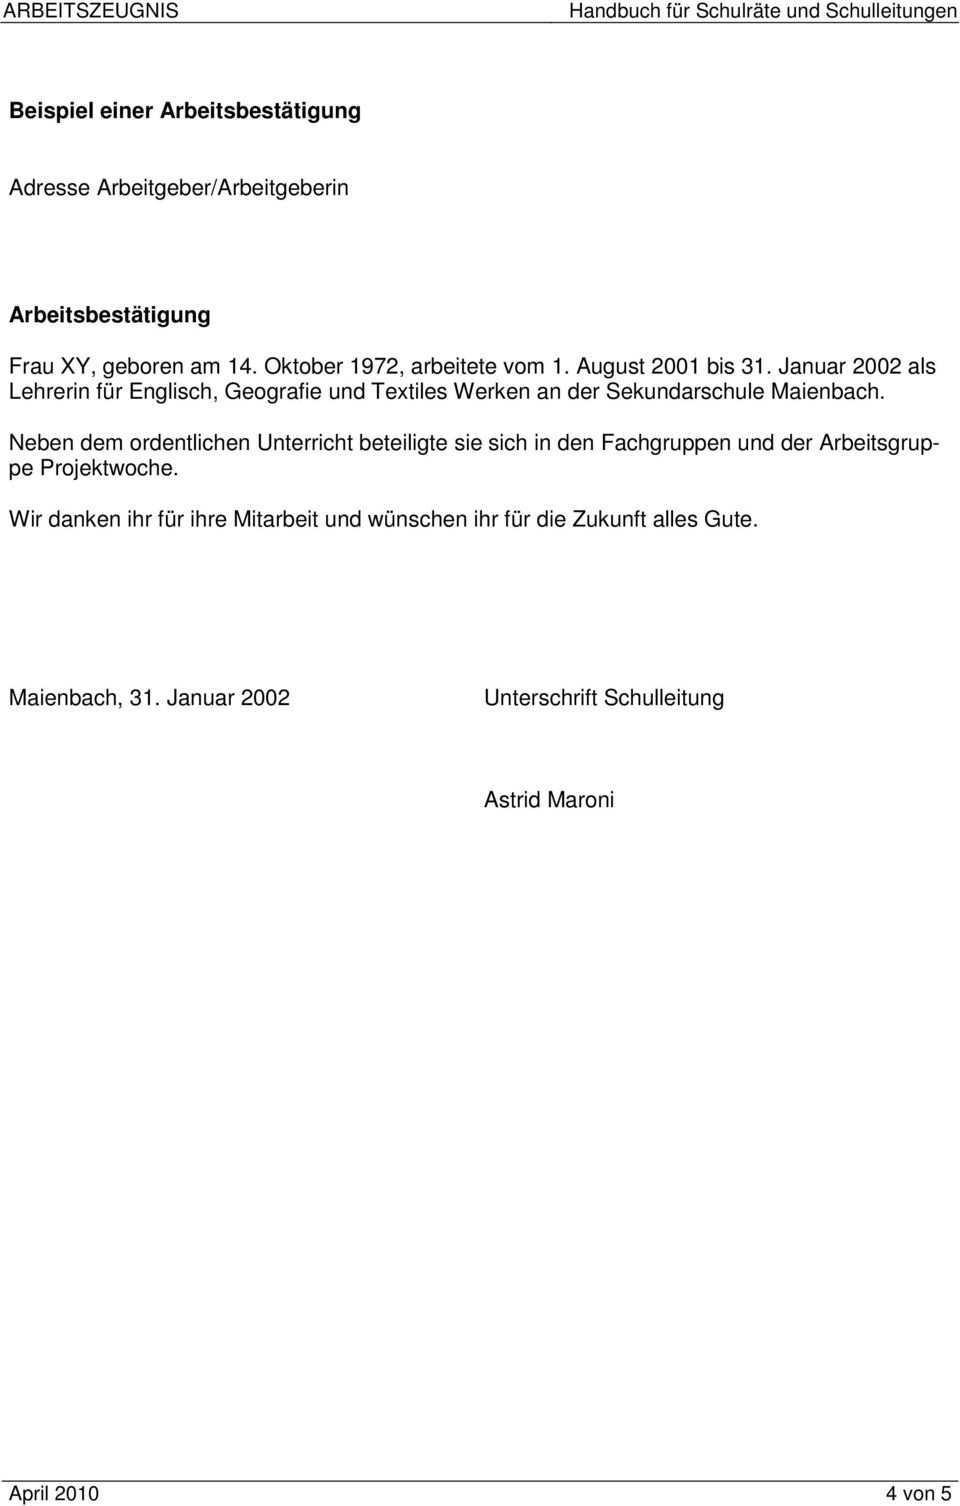 Handbuch Fur Schulrate Und Schulleitungen Pdf Kostenfreier Download